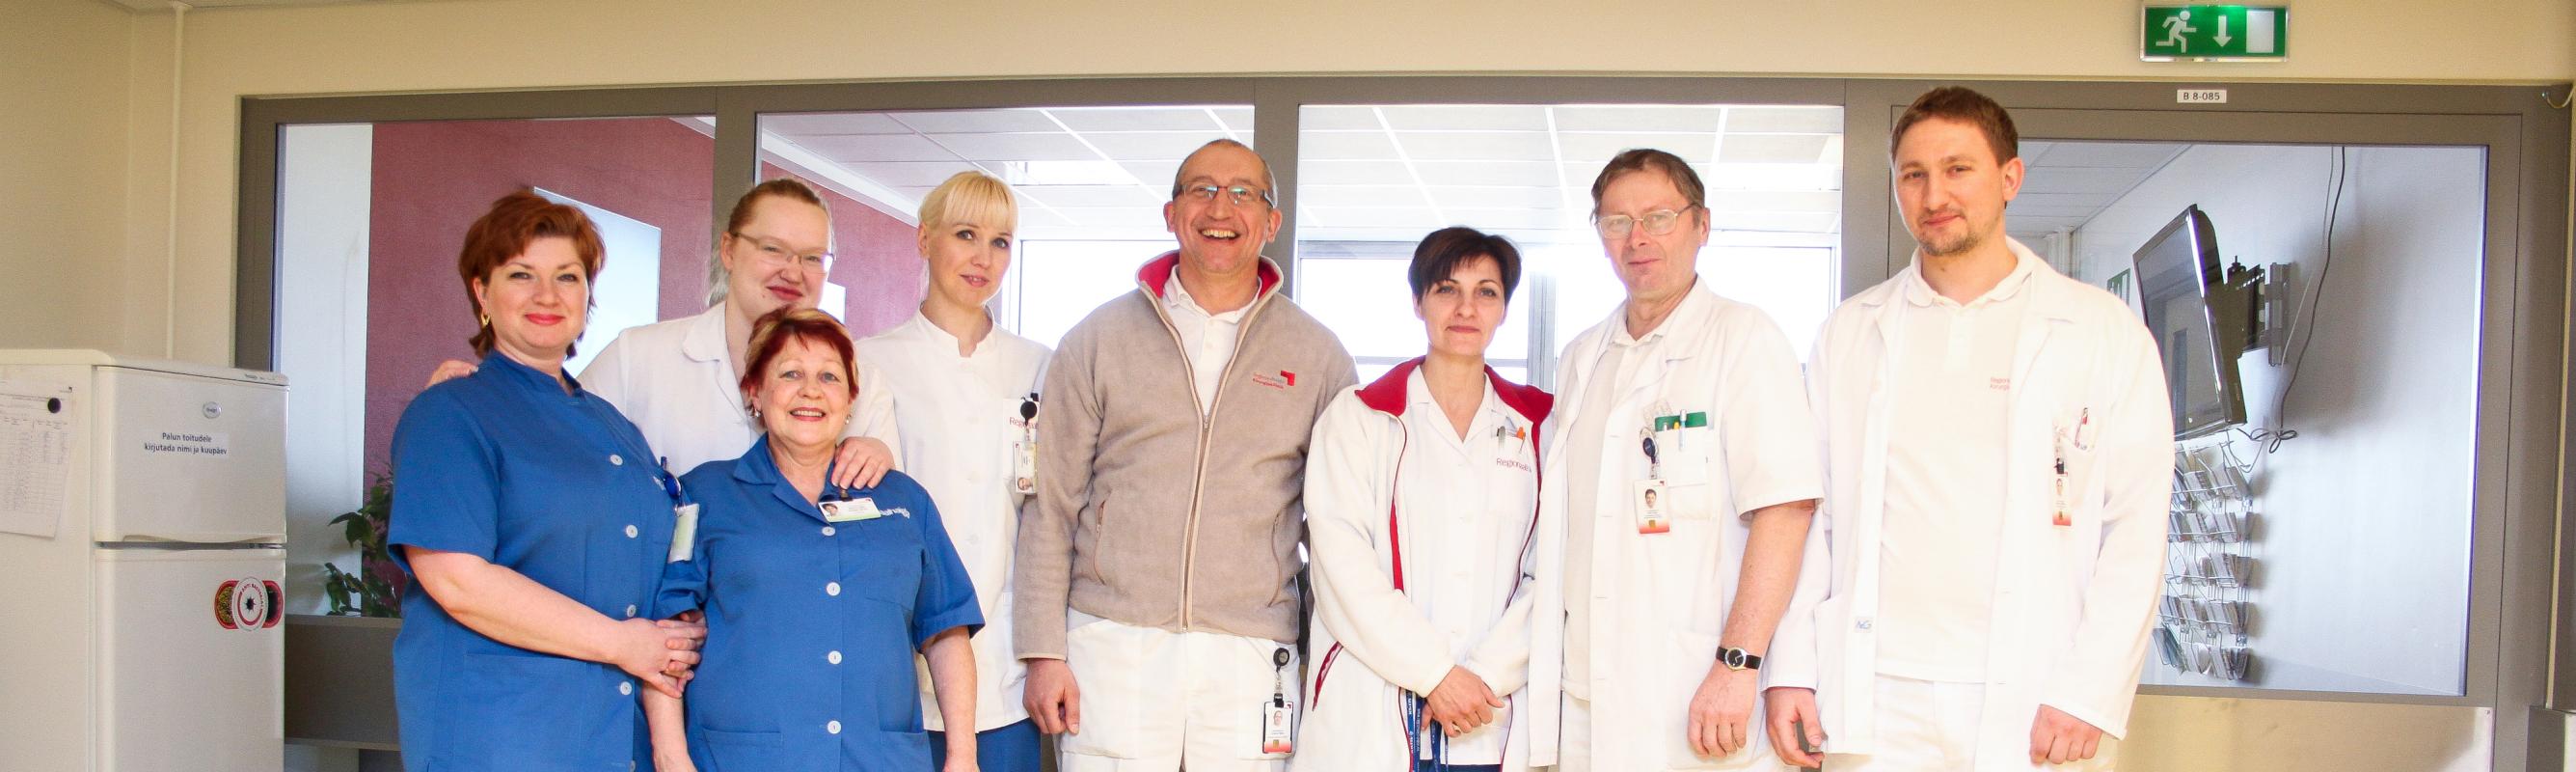 III ortopeedia osakonna sõbralik kollektiiv